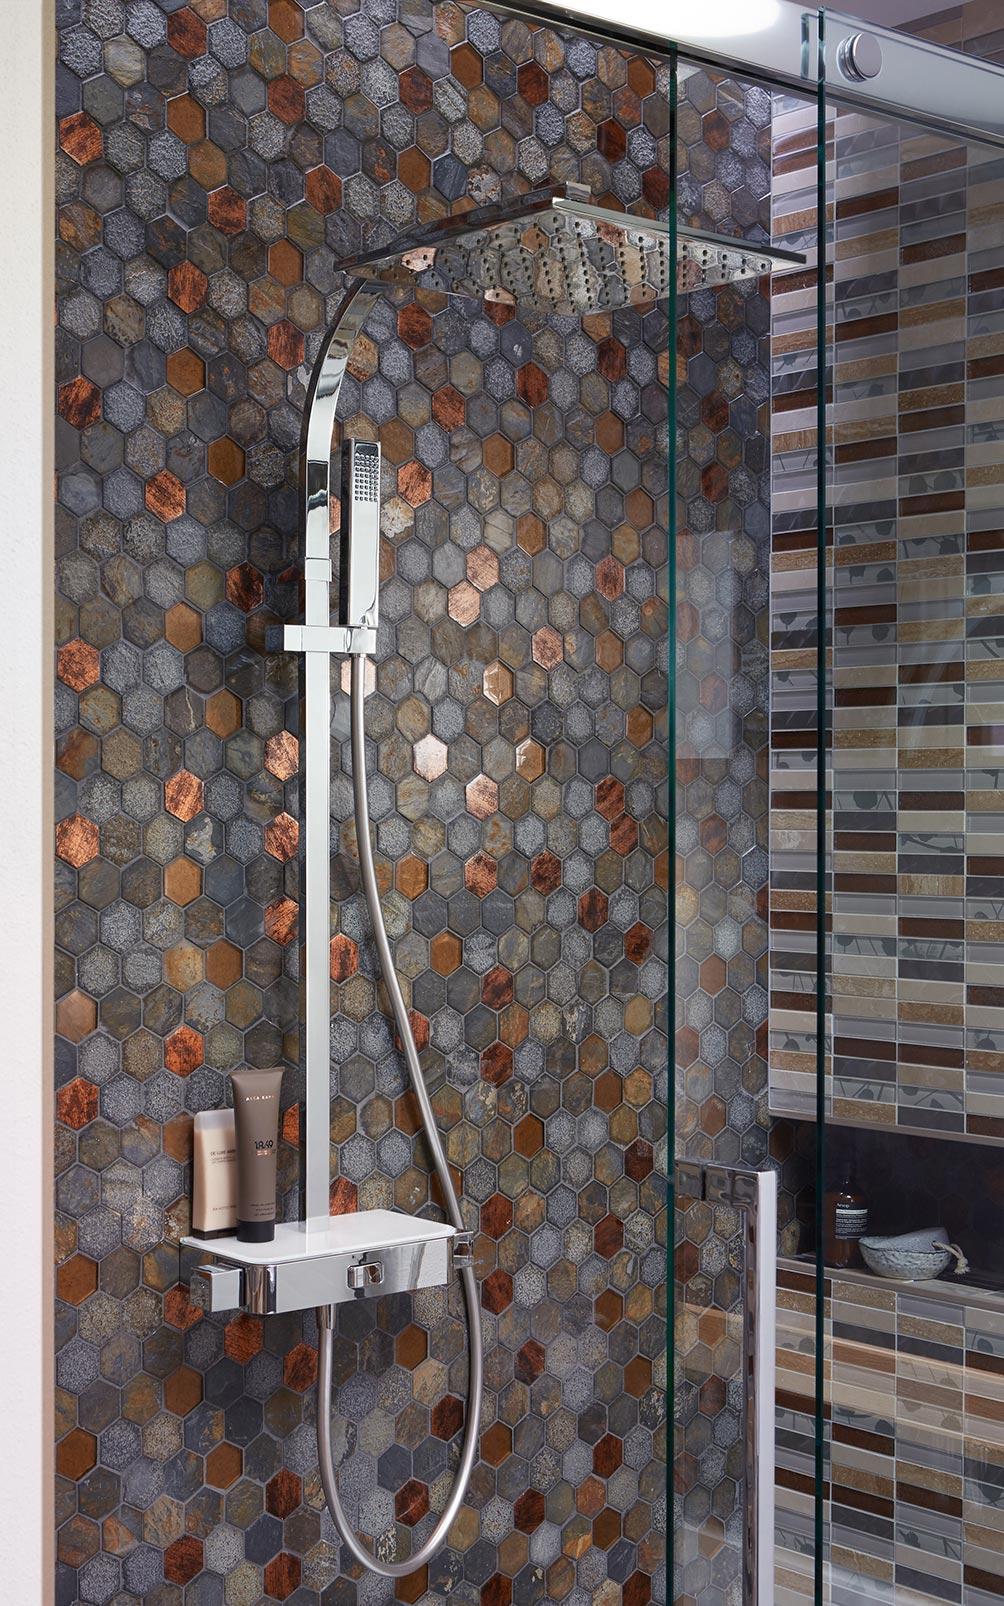 Full Size of Duschen Auf Knopfdruck La Hsk Schulte Werksverkauf Moderne Kaufen Begehbare Bodengleiche Breuer Sprinz Hüppe Dusche Hsk Duschen